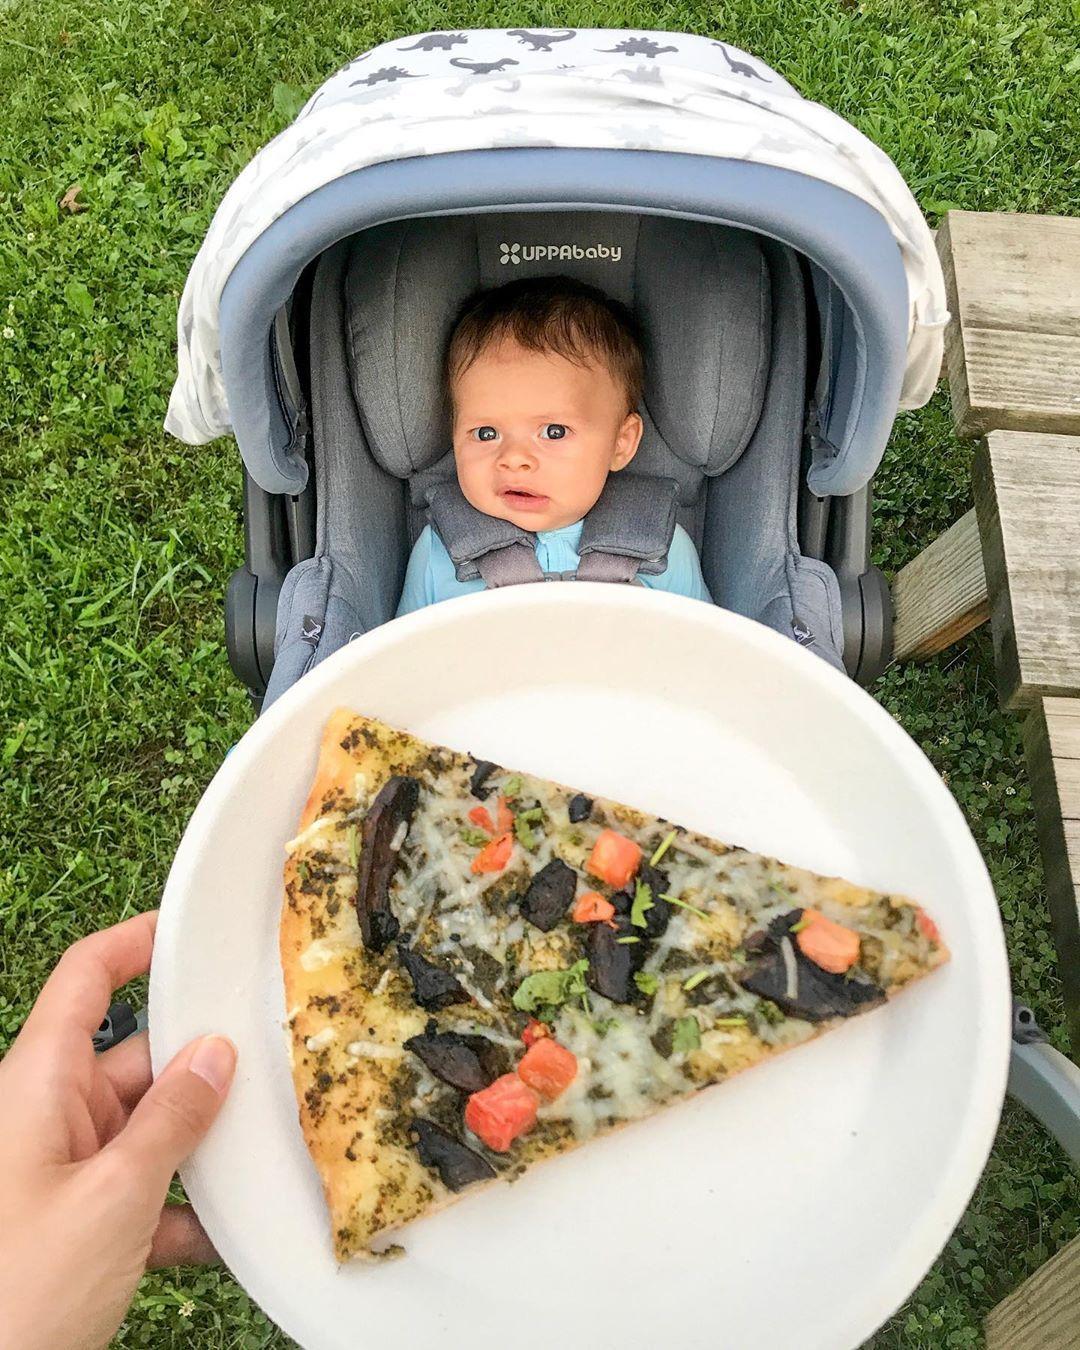 Vegan pizza at the park 👌🏼 tonight we had @veggiecrust for dinner! Patrick and I had the pesto portabella pizza and Saffy had a broccoli pizza. Soren had milk 🤱🏻👶🏻 • • %